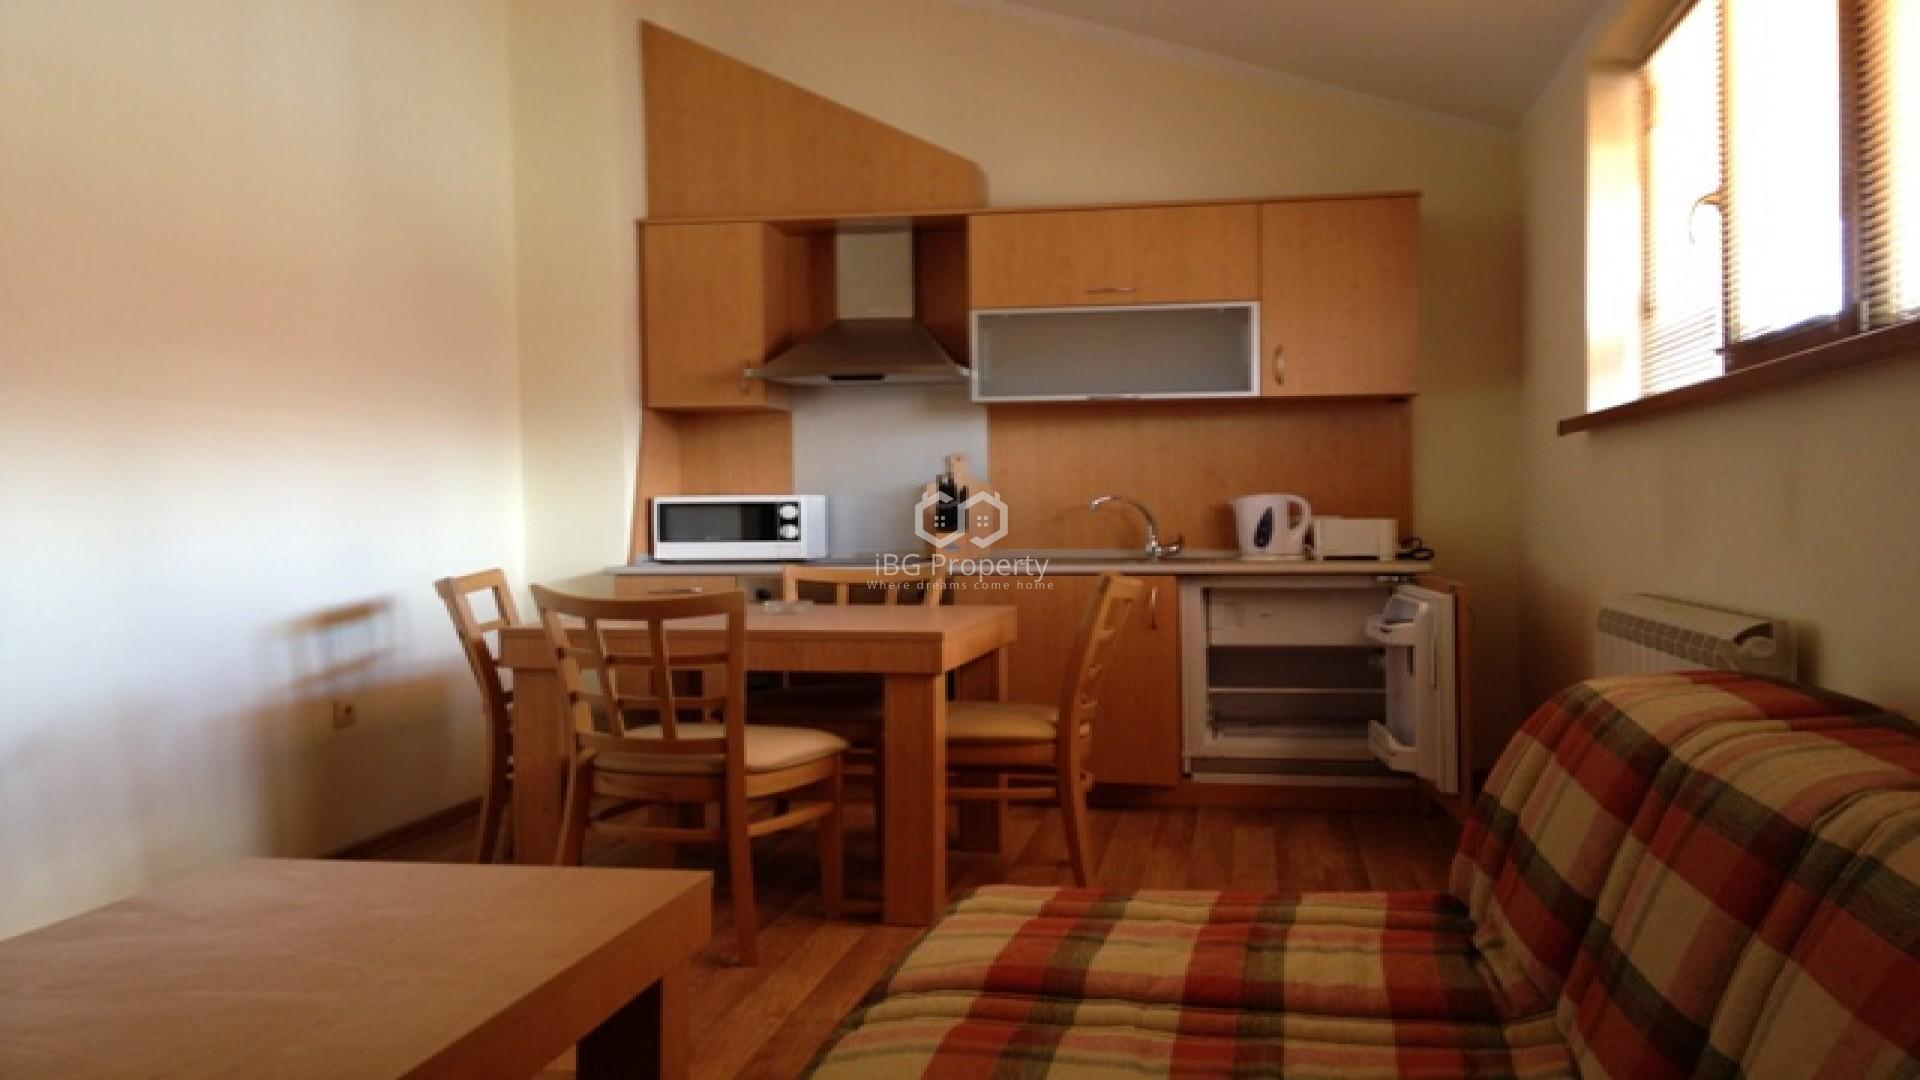 Двустаен апартамент Банско 63 m2